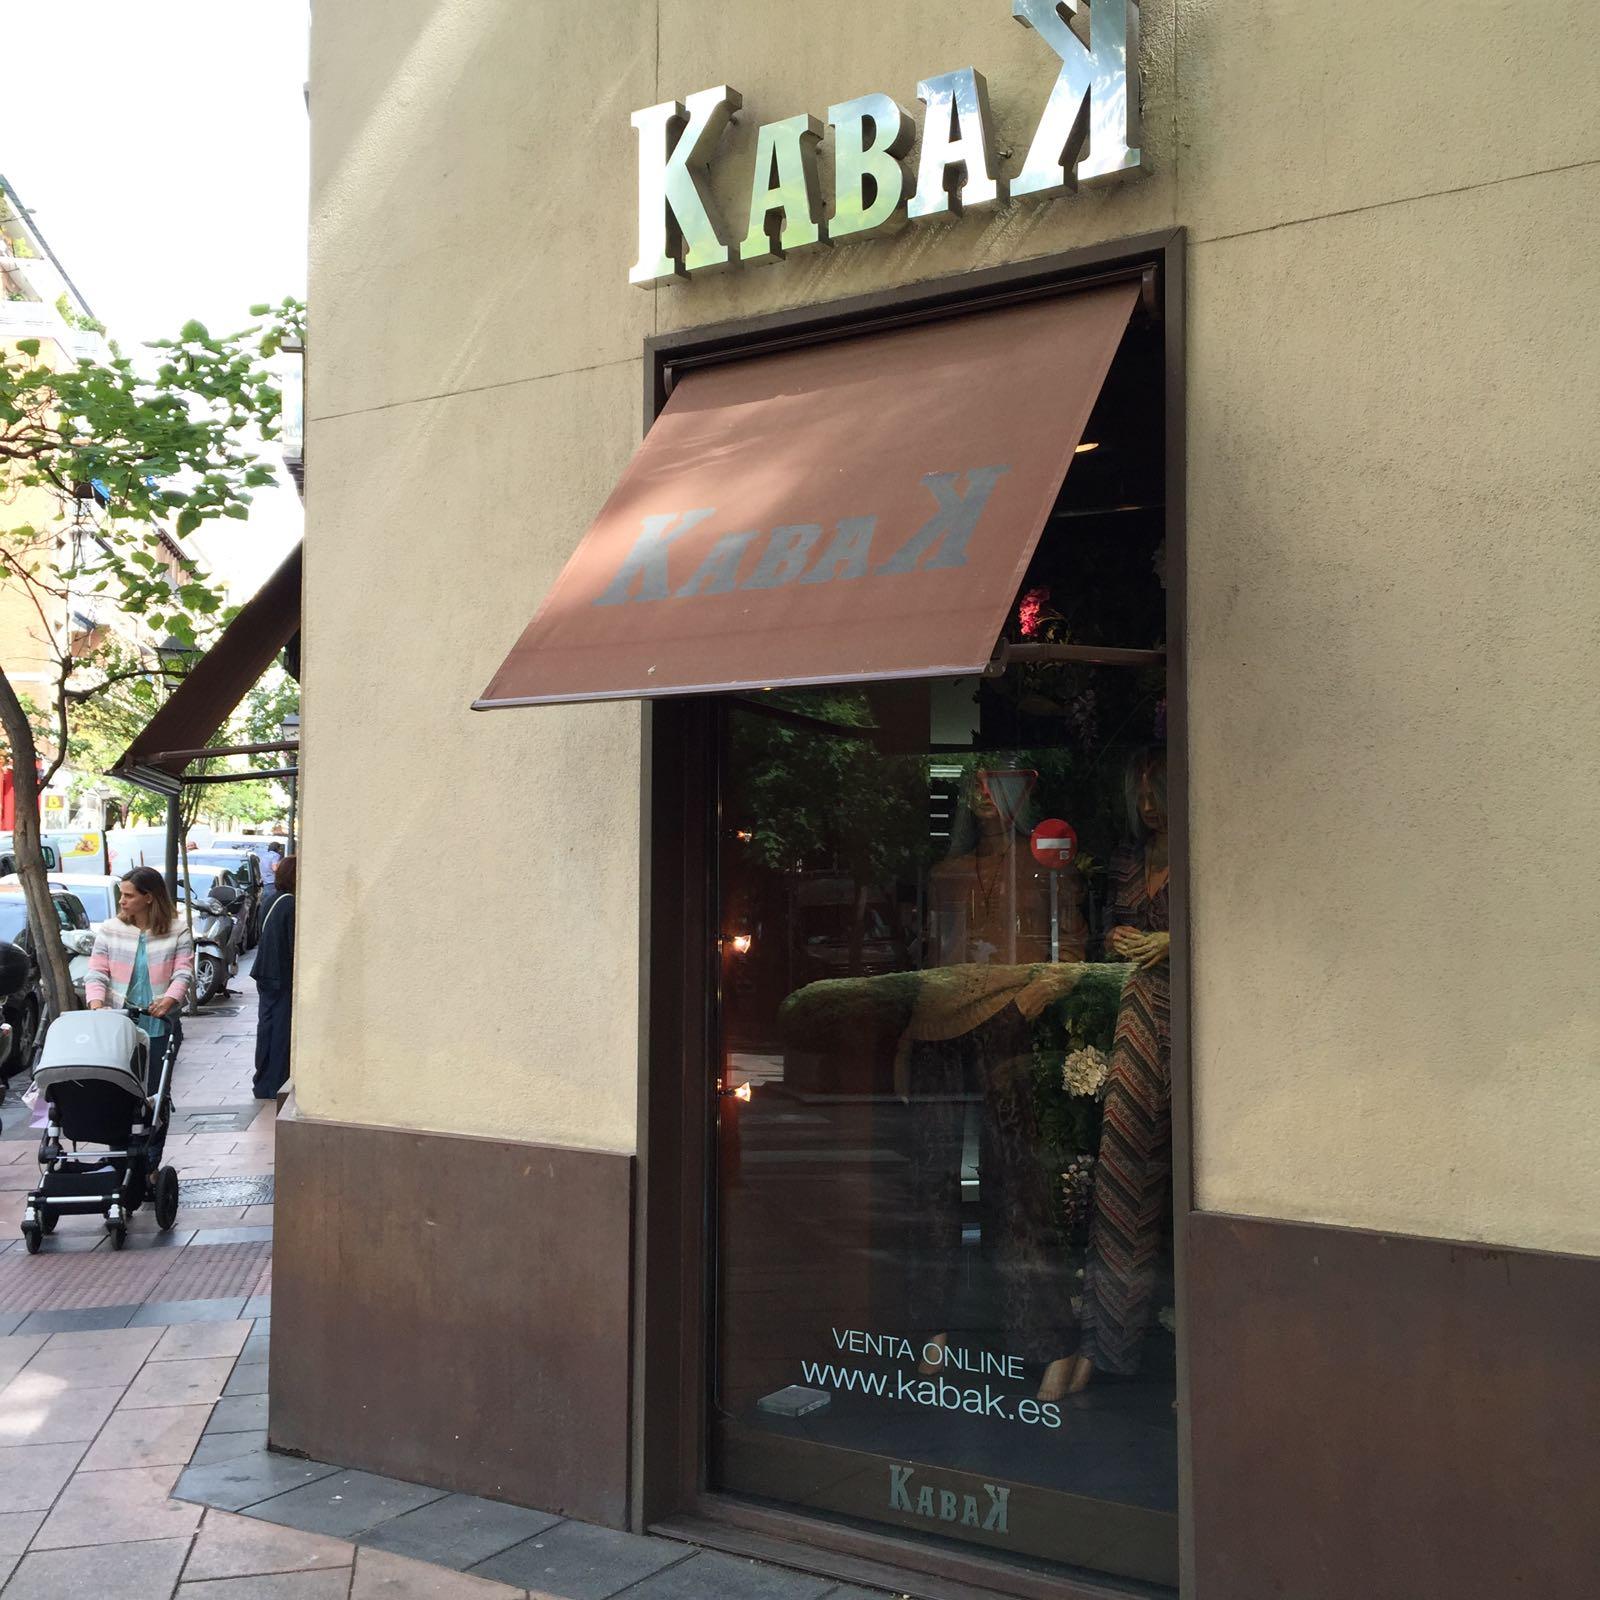 Kabak. Moda en Madrid